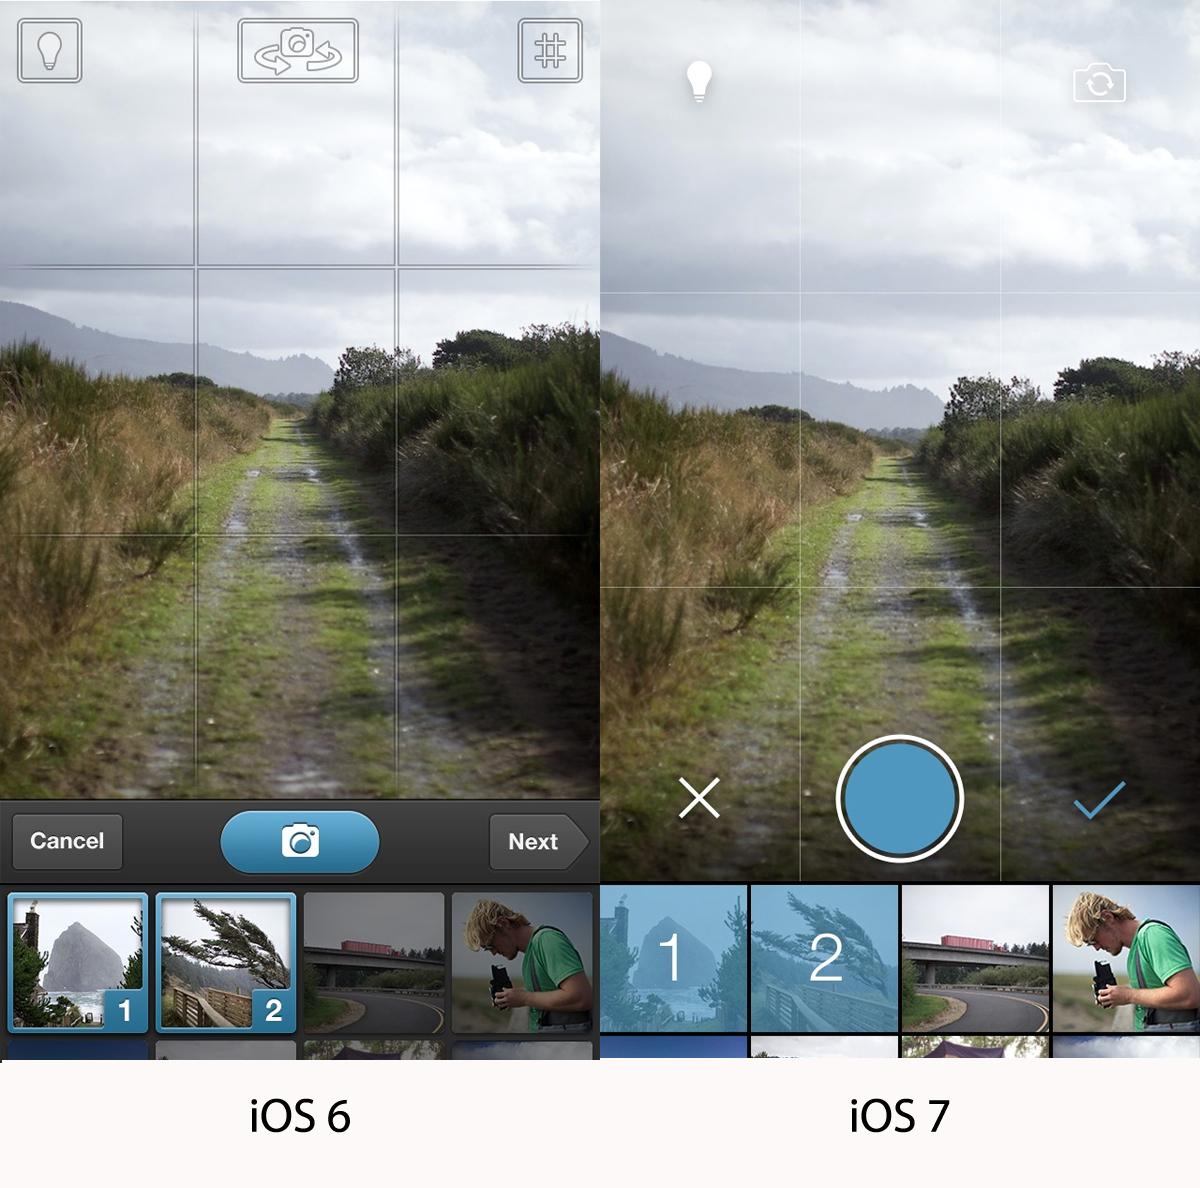 iOS 6 Camera vs iOS 7 Camera